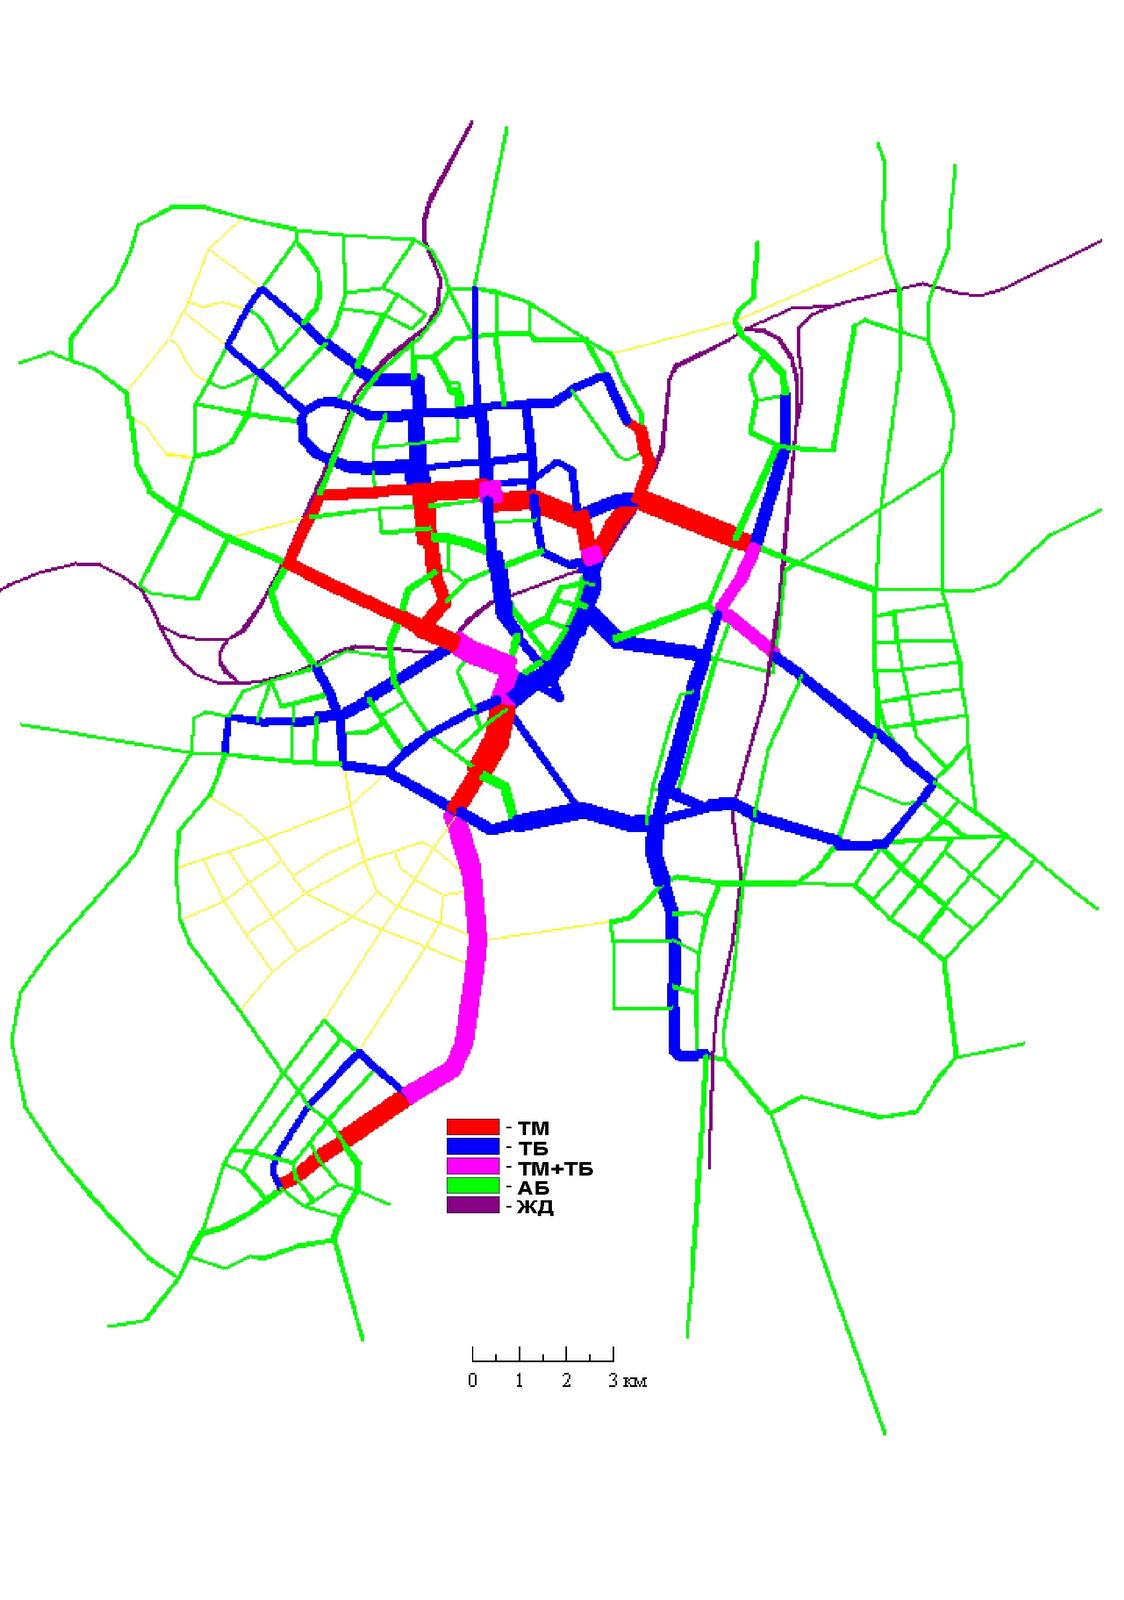 15. Вариант I. Сеть ГПТ совмещенная с картограммой пассажиропотоков по видам транспорта